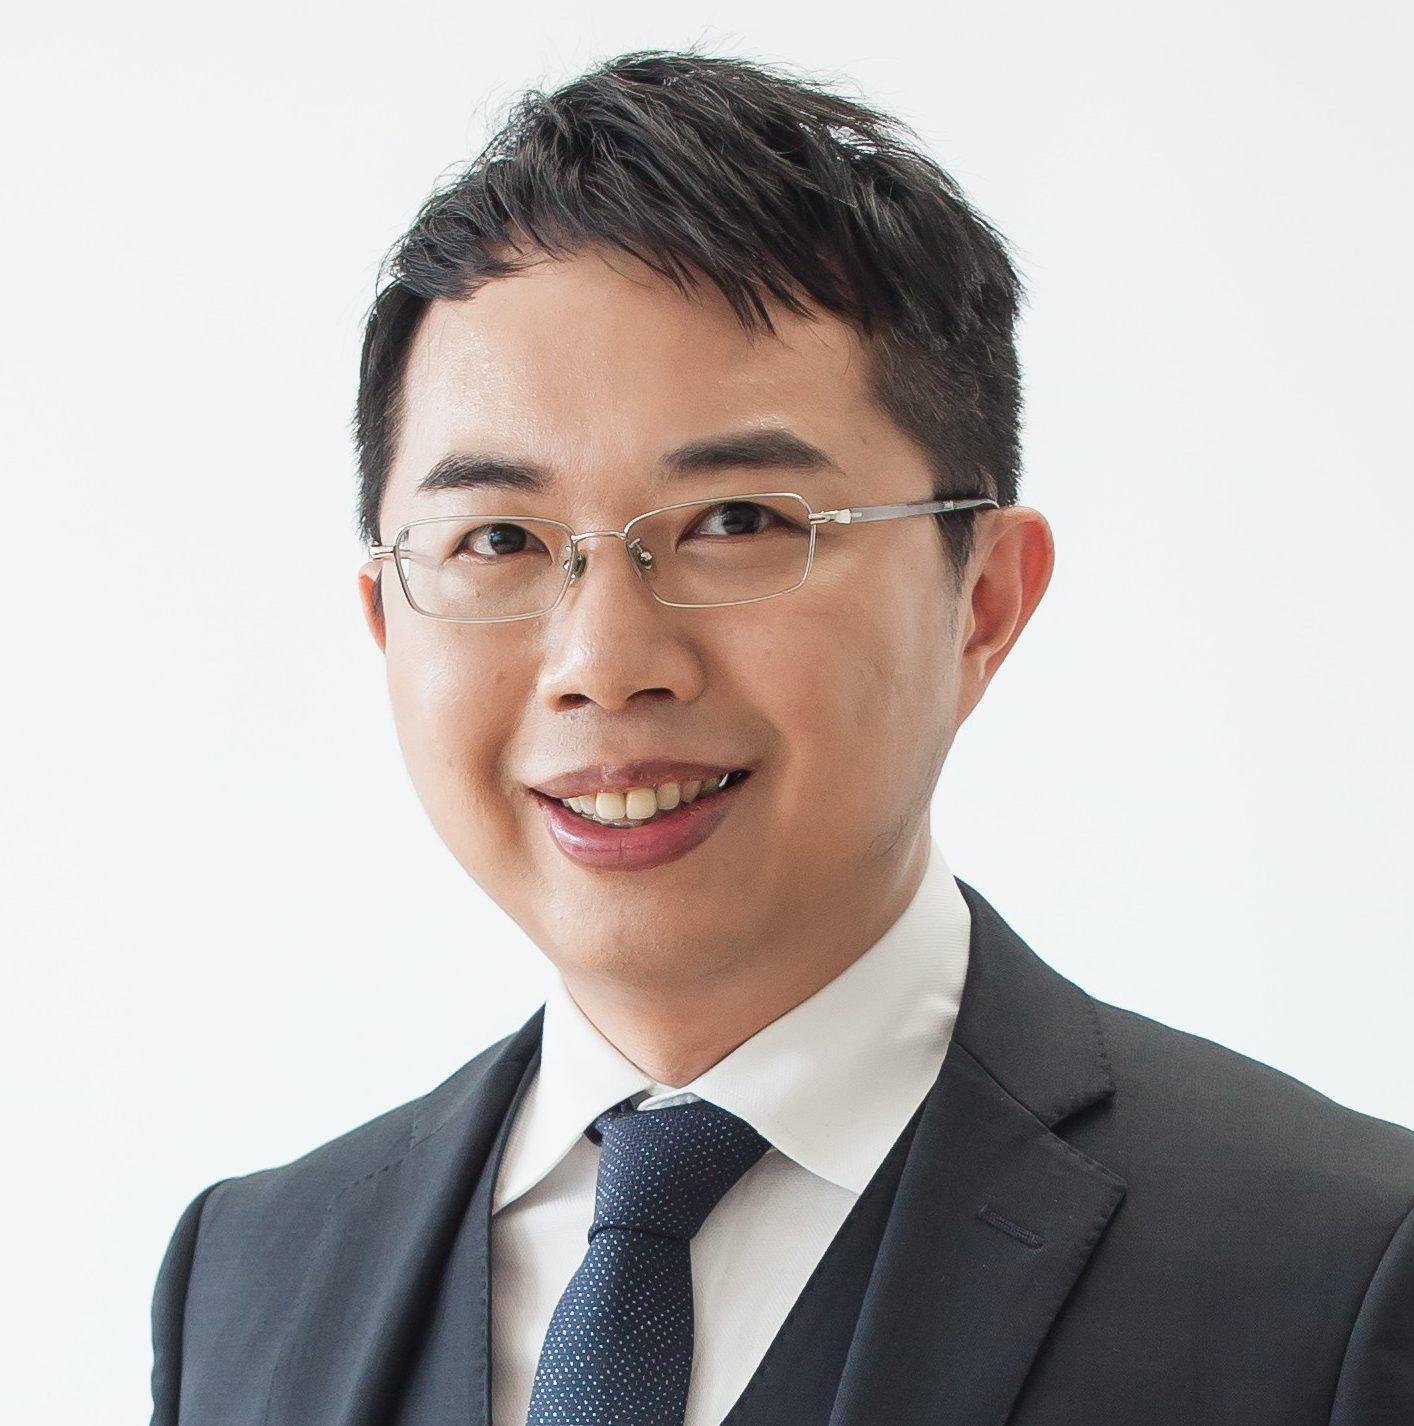 Kunchou Tsai